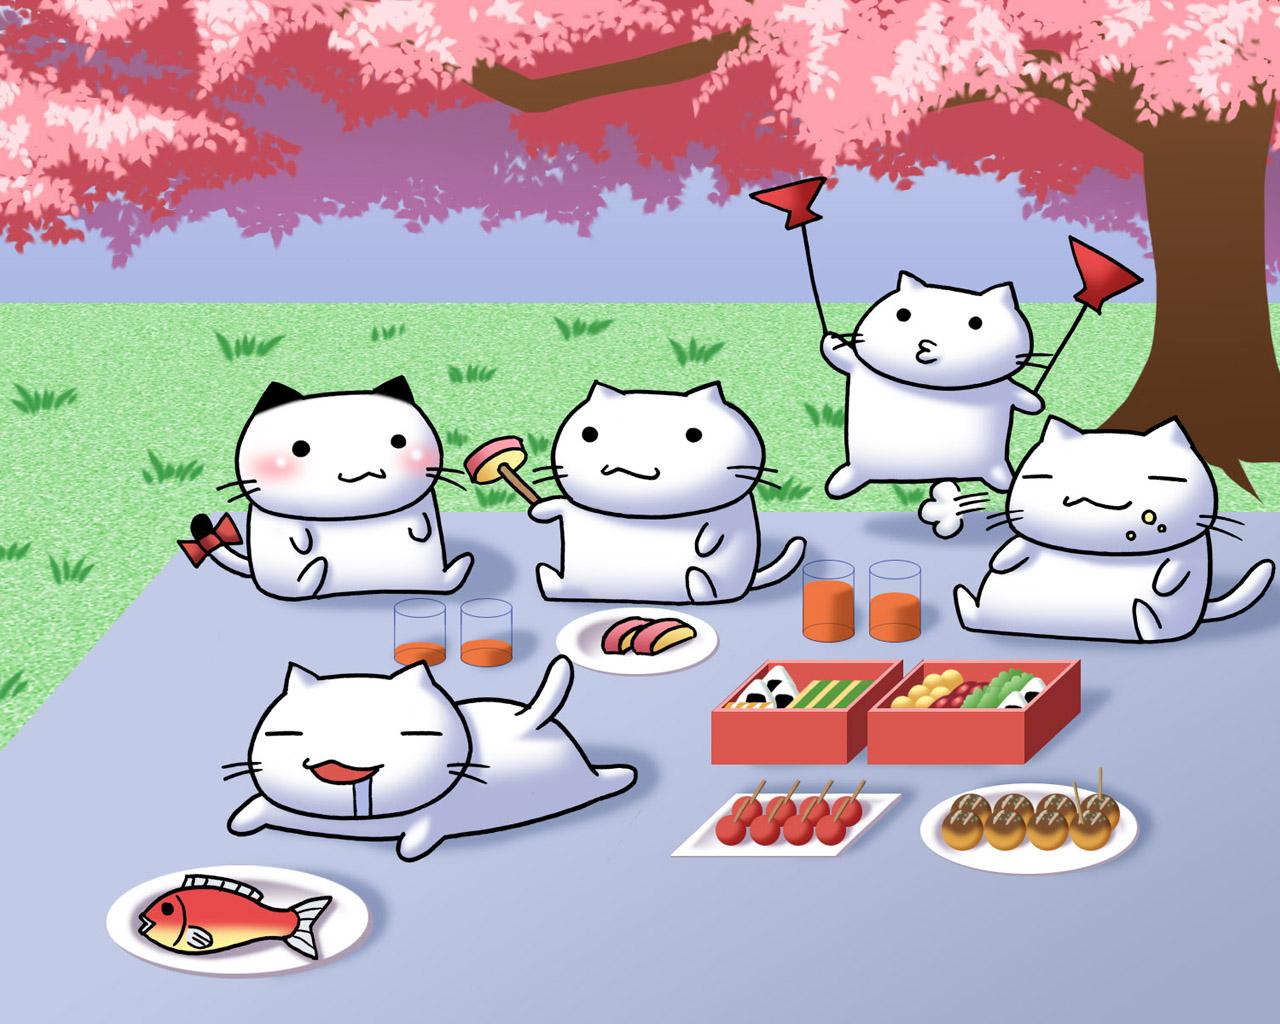 нашем картинка сквиш суши котик изображения